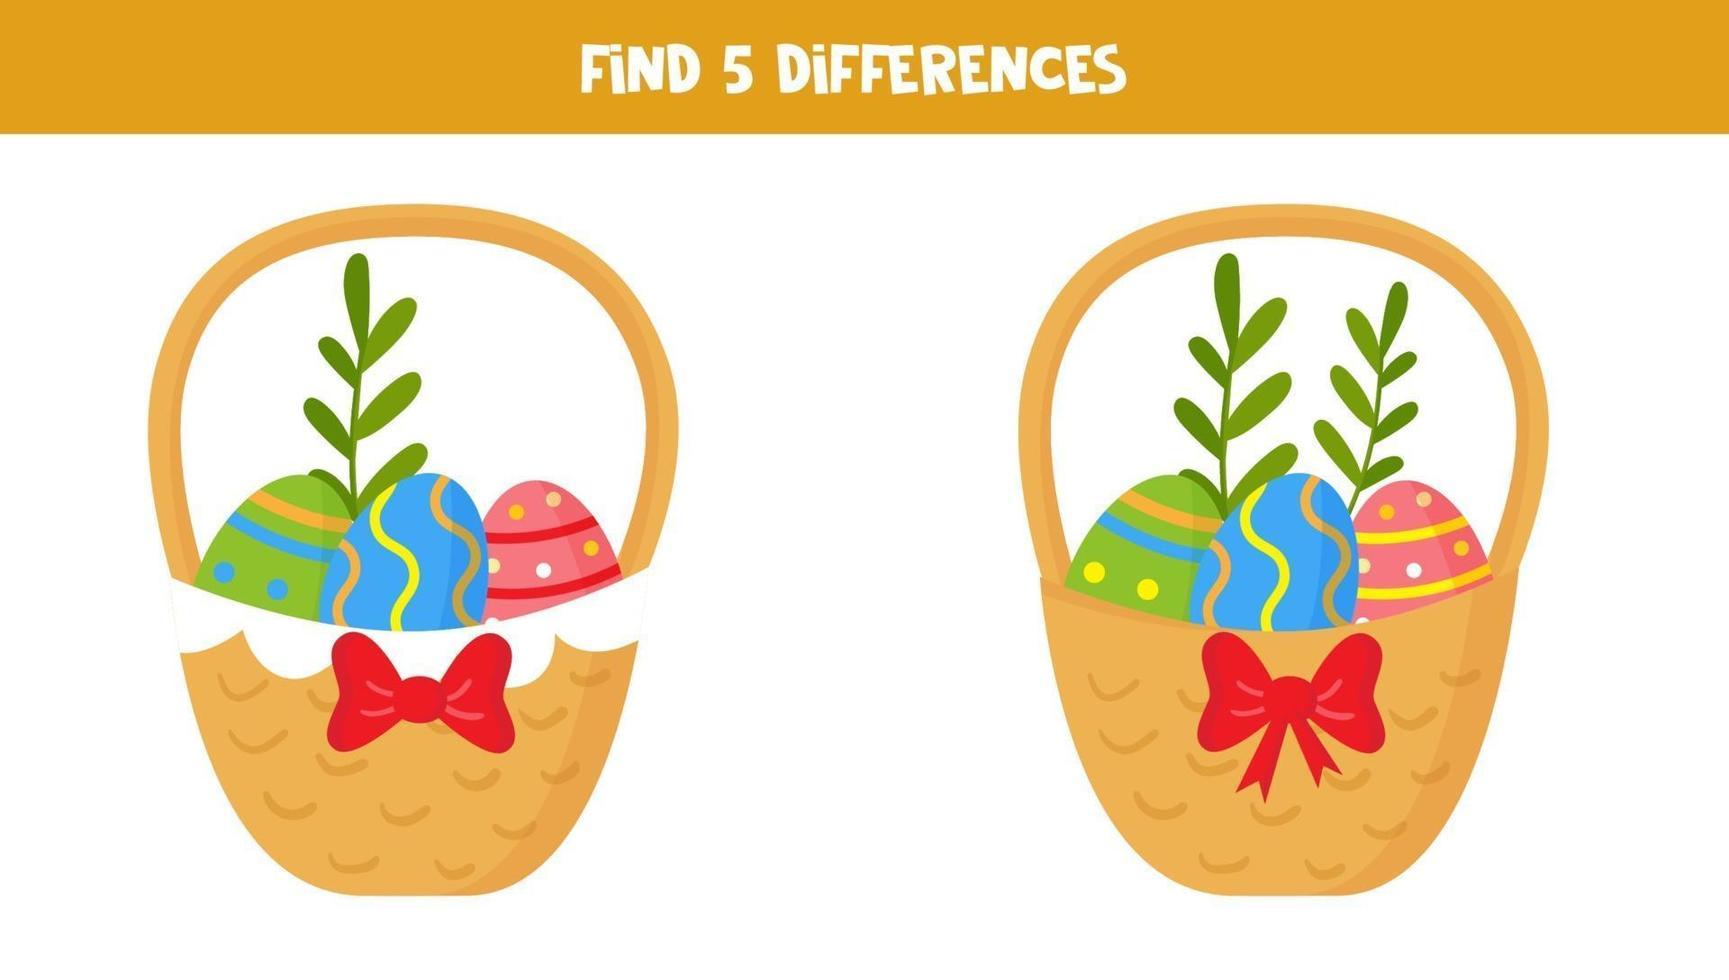 trova 5 differenze tra le immagini. cesti pasquali. vettore